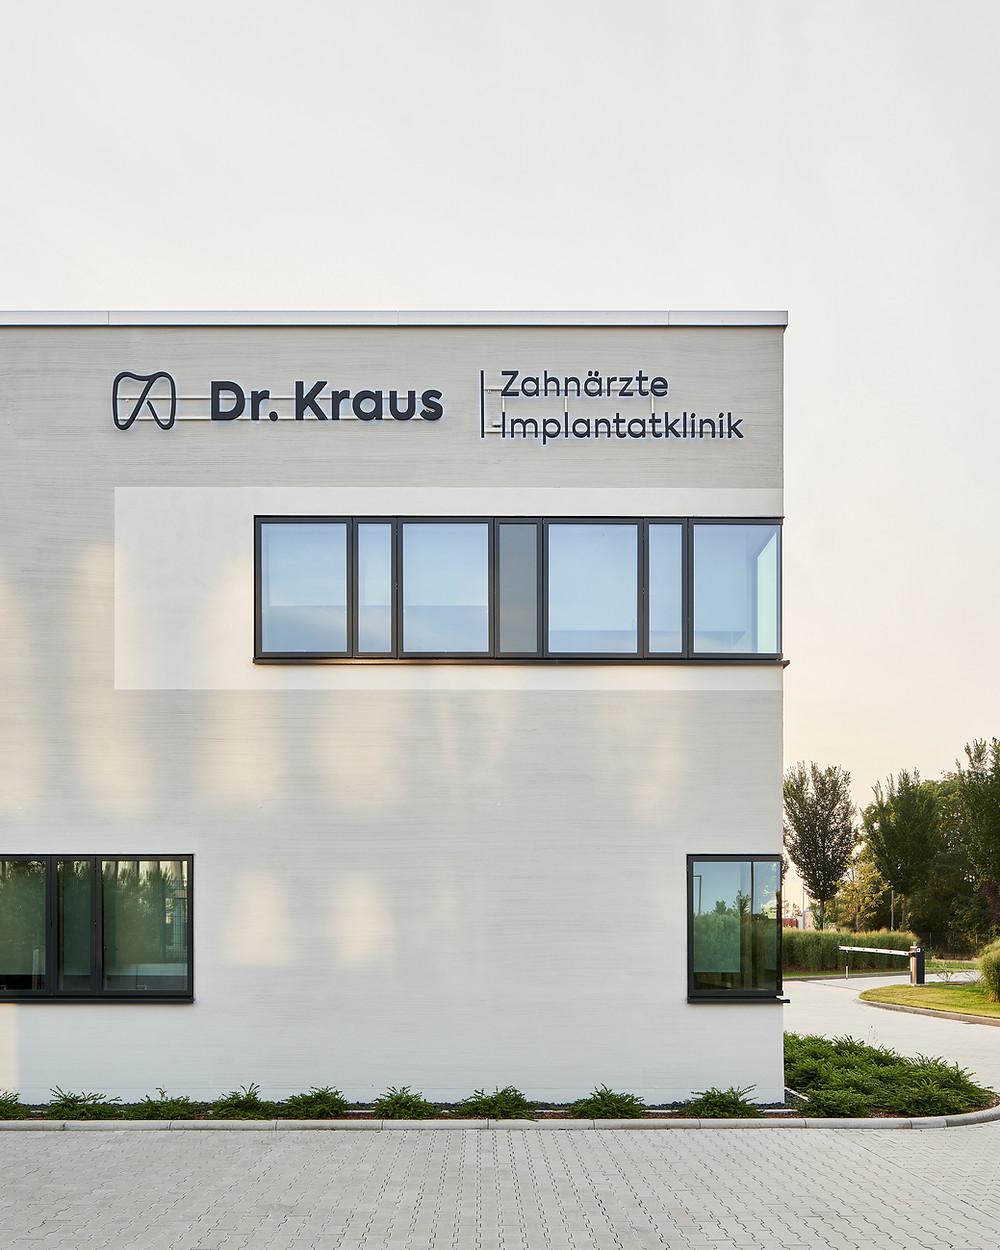 Architekturfotografie der Zahnklinik Dr. Kraus in Mainz.